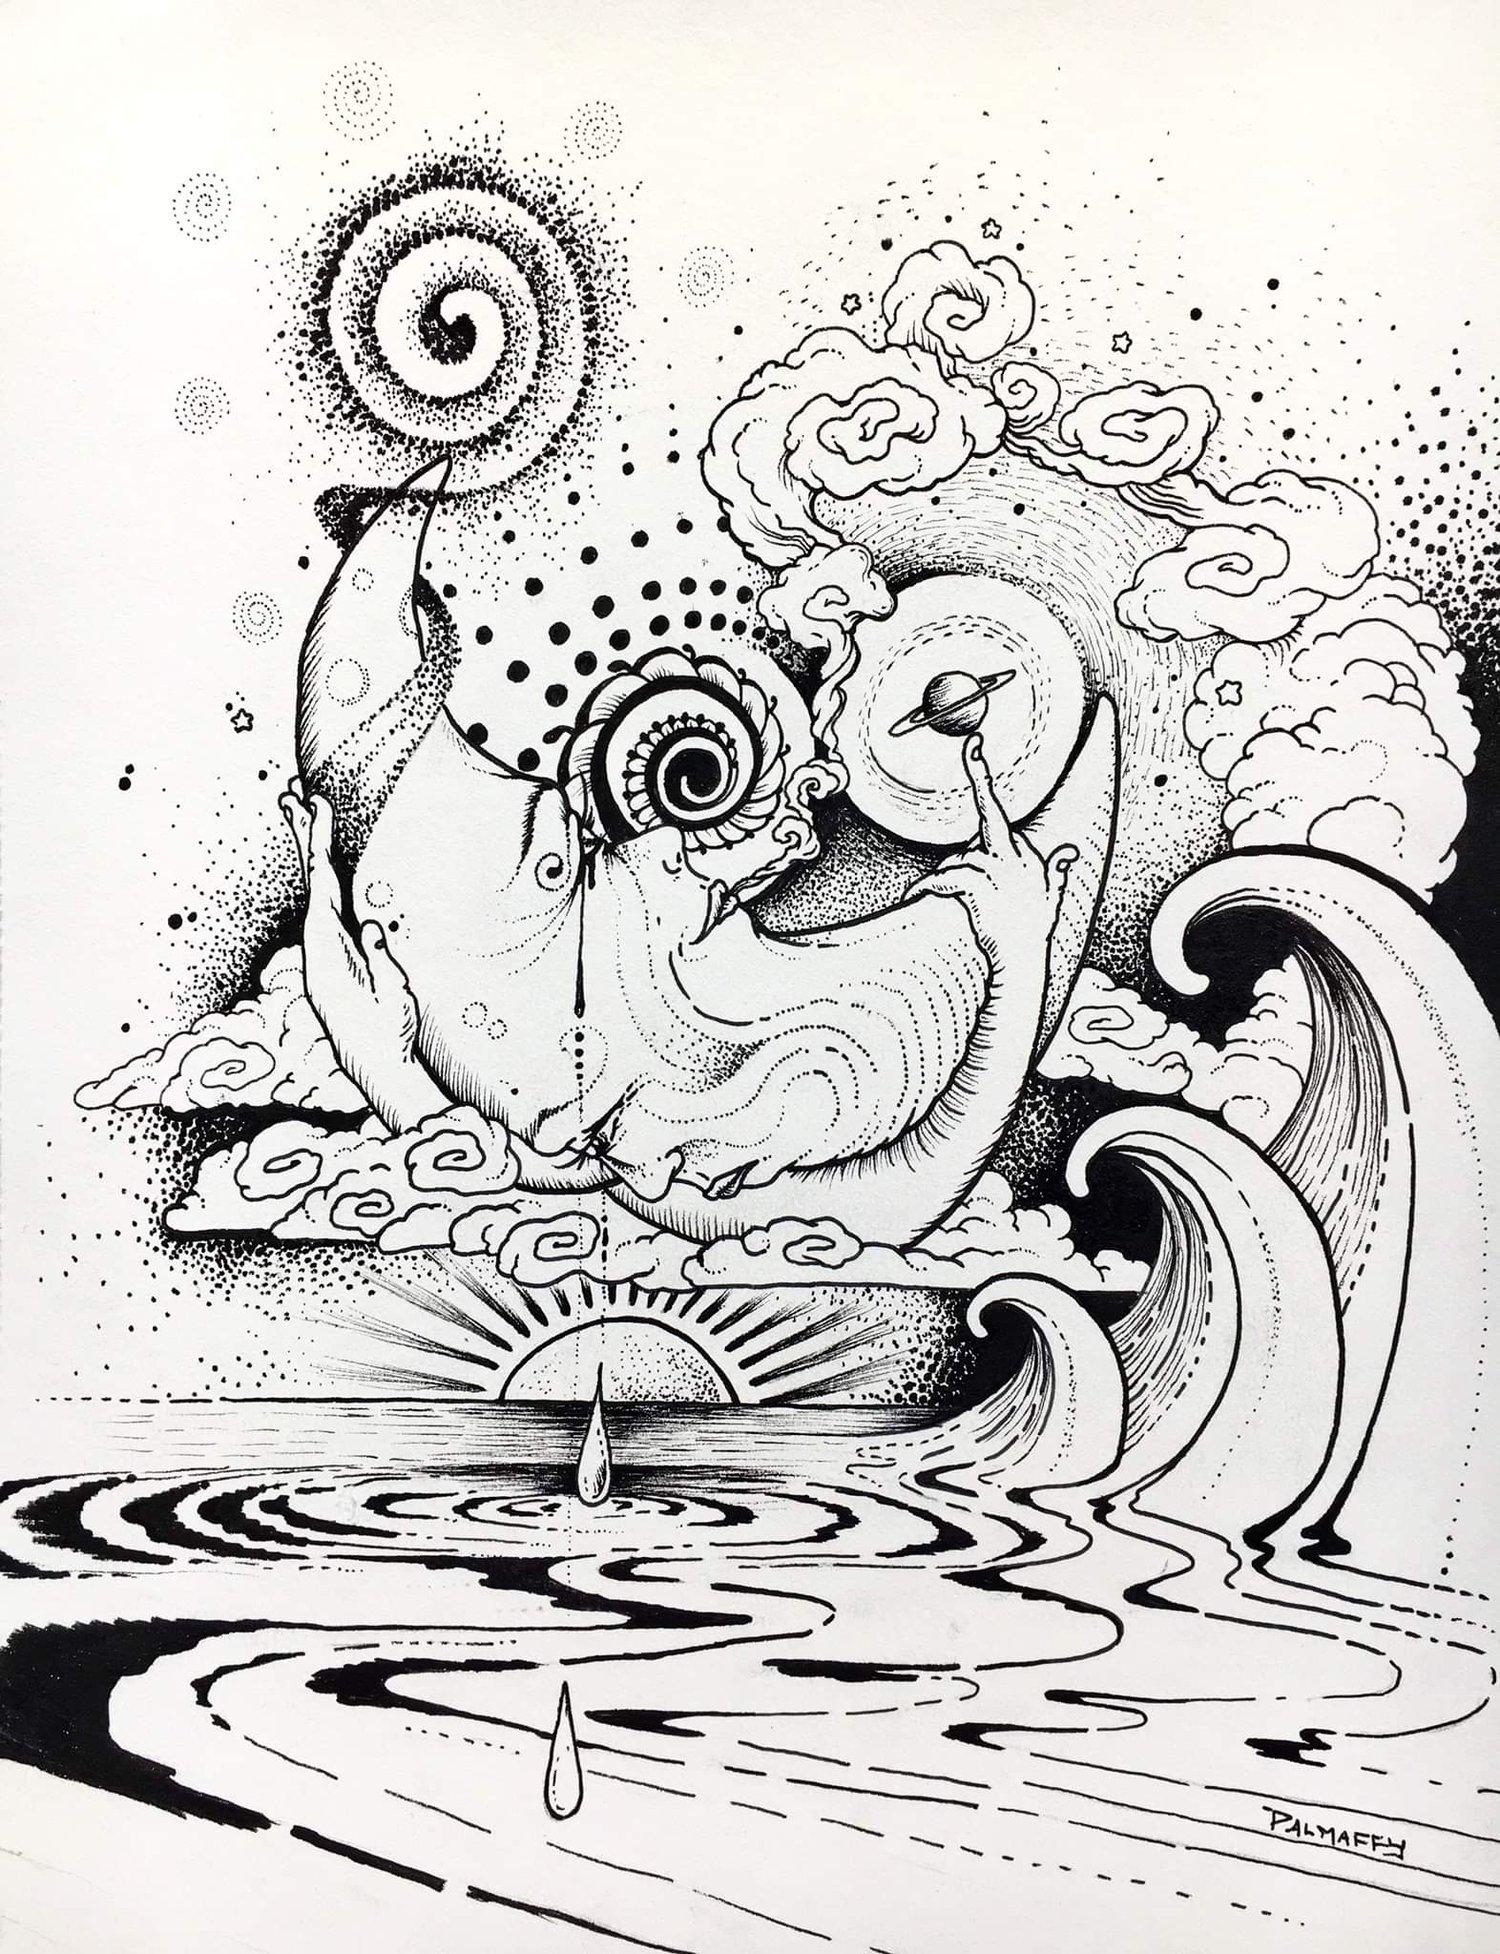 Image of Tides Turning Original Drawing